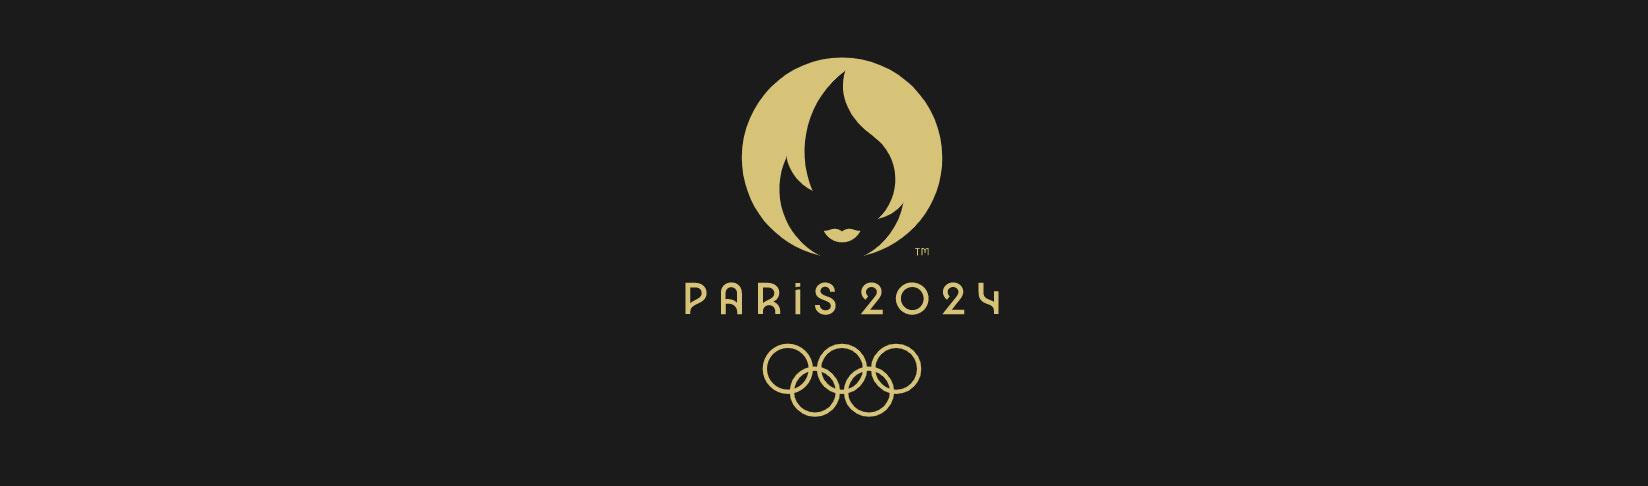 logo olympische spelen 2024 parijs onthuld